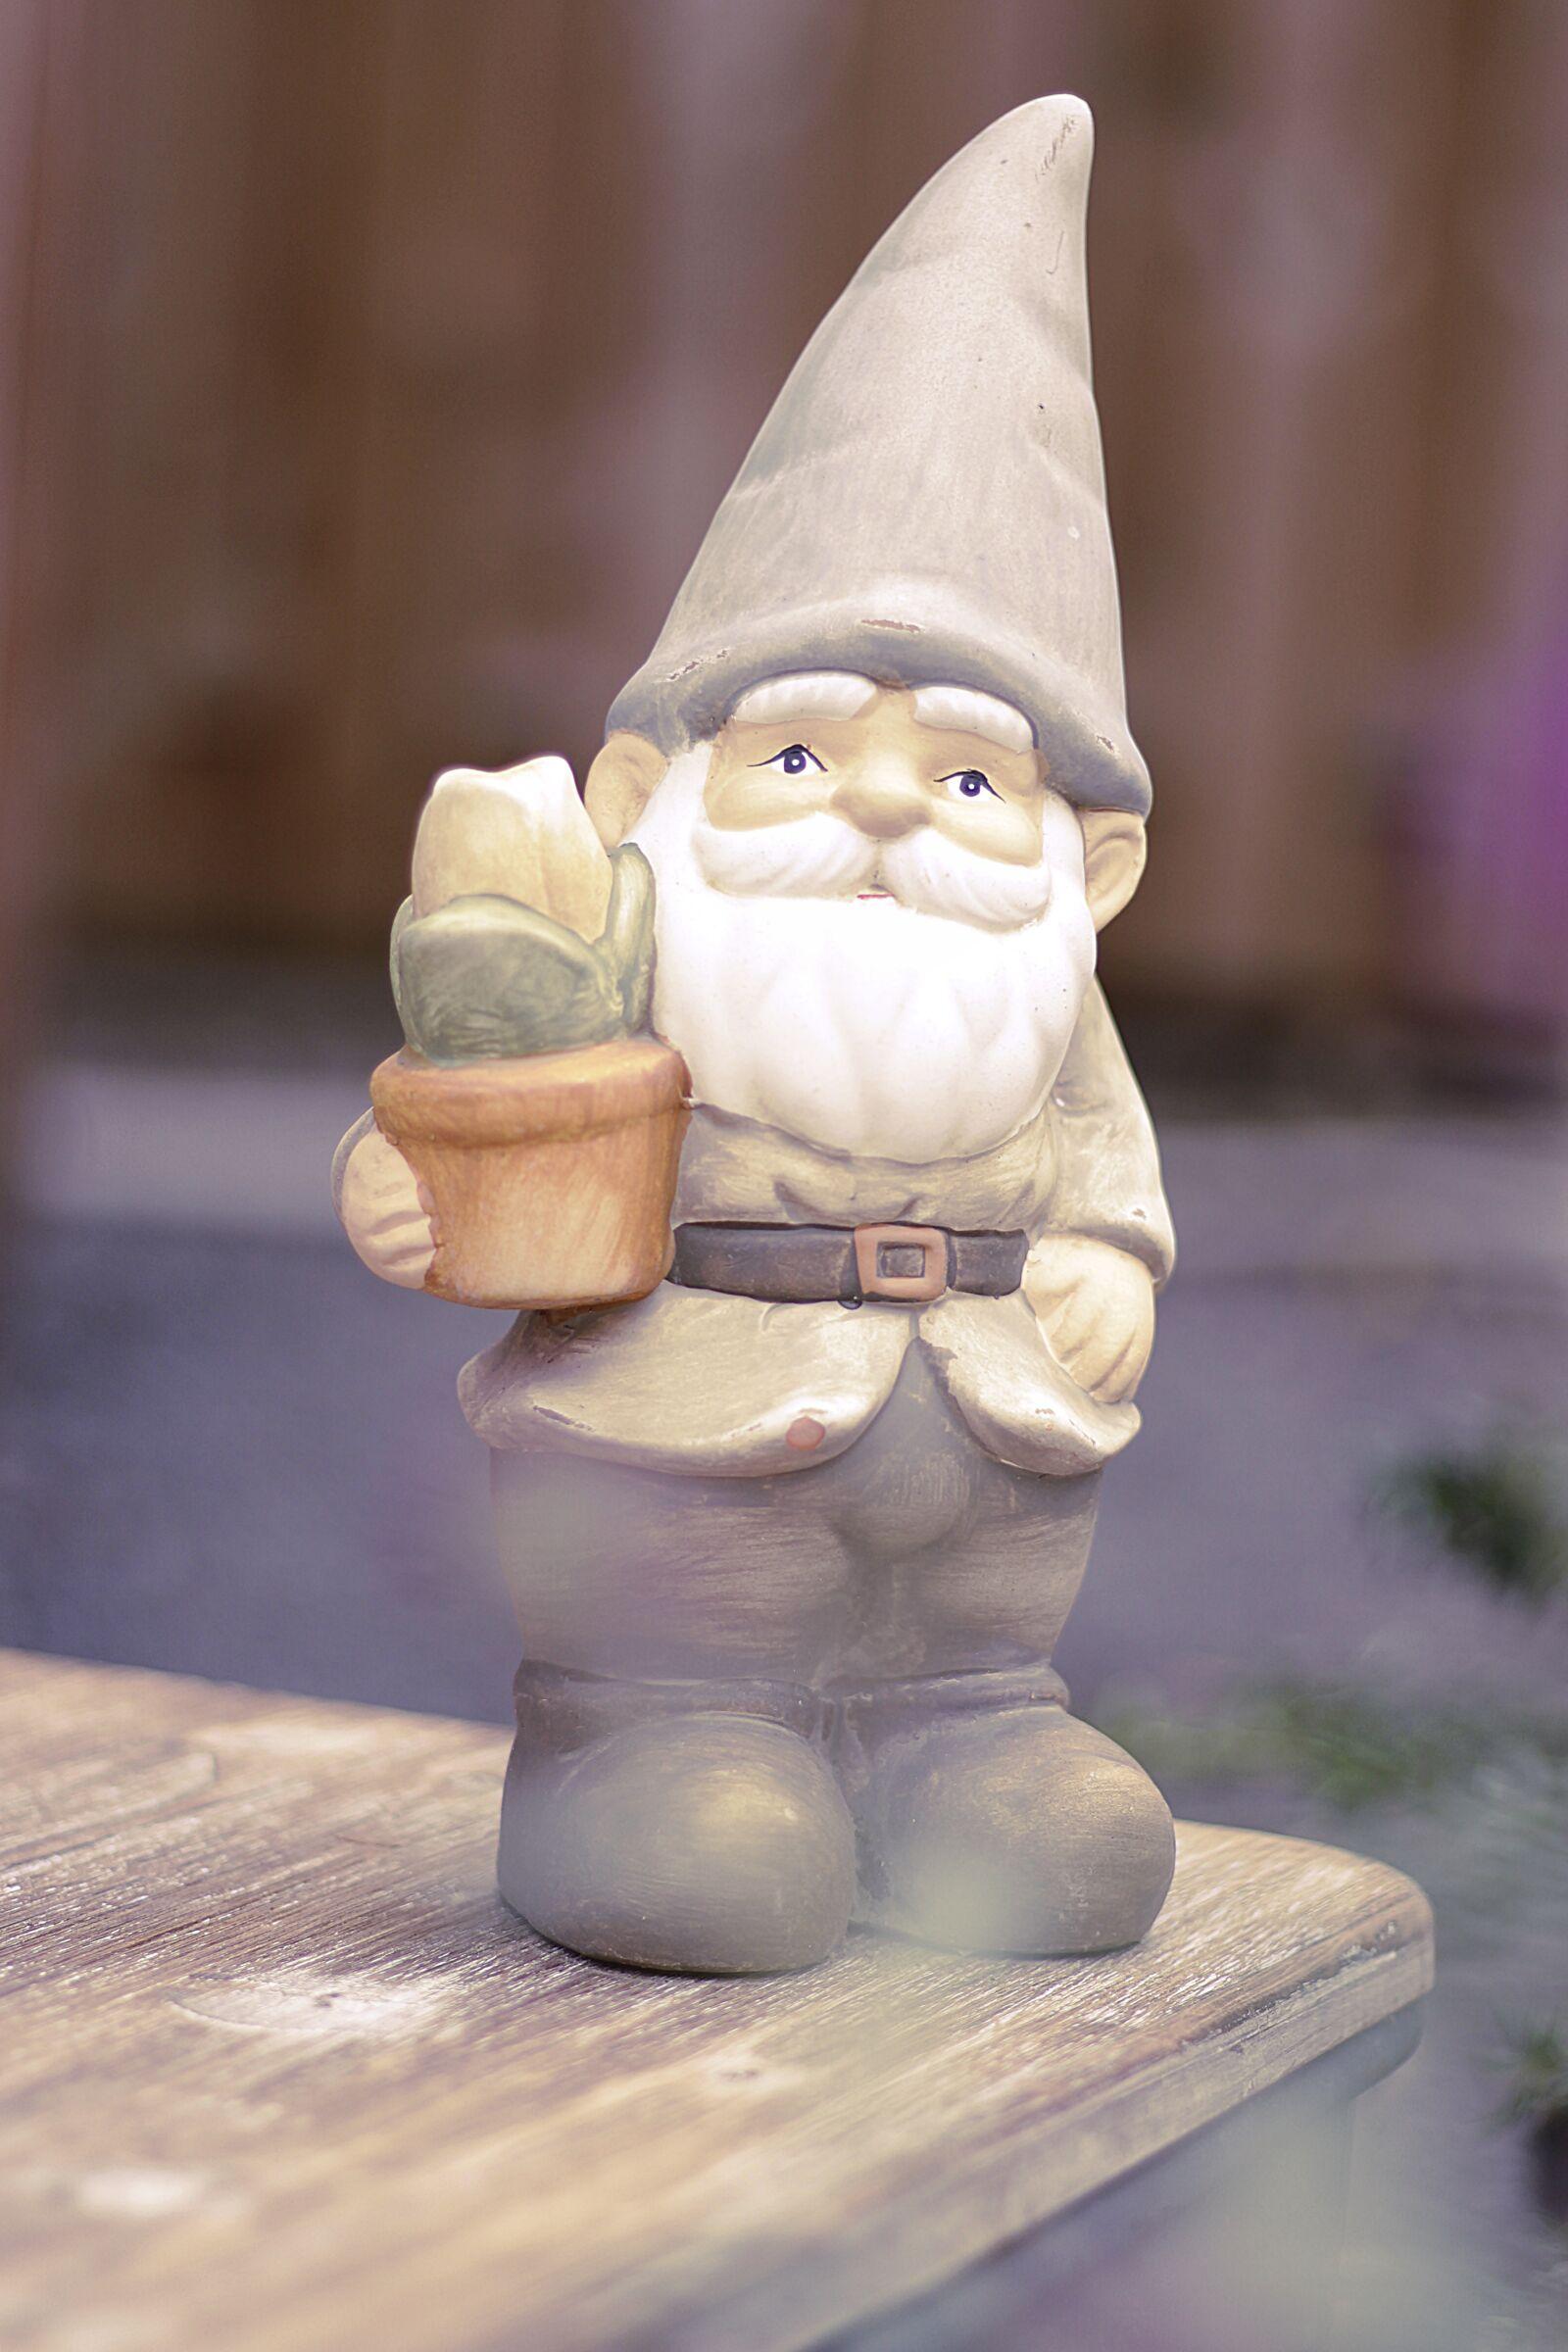 """Canon EOS 100D (EOS Rebel SL1 / EOS Kiss X7) sample photo. """"Garden gnome, dwarf, garden"""" photography"""